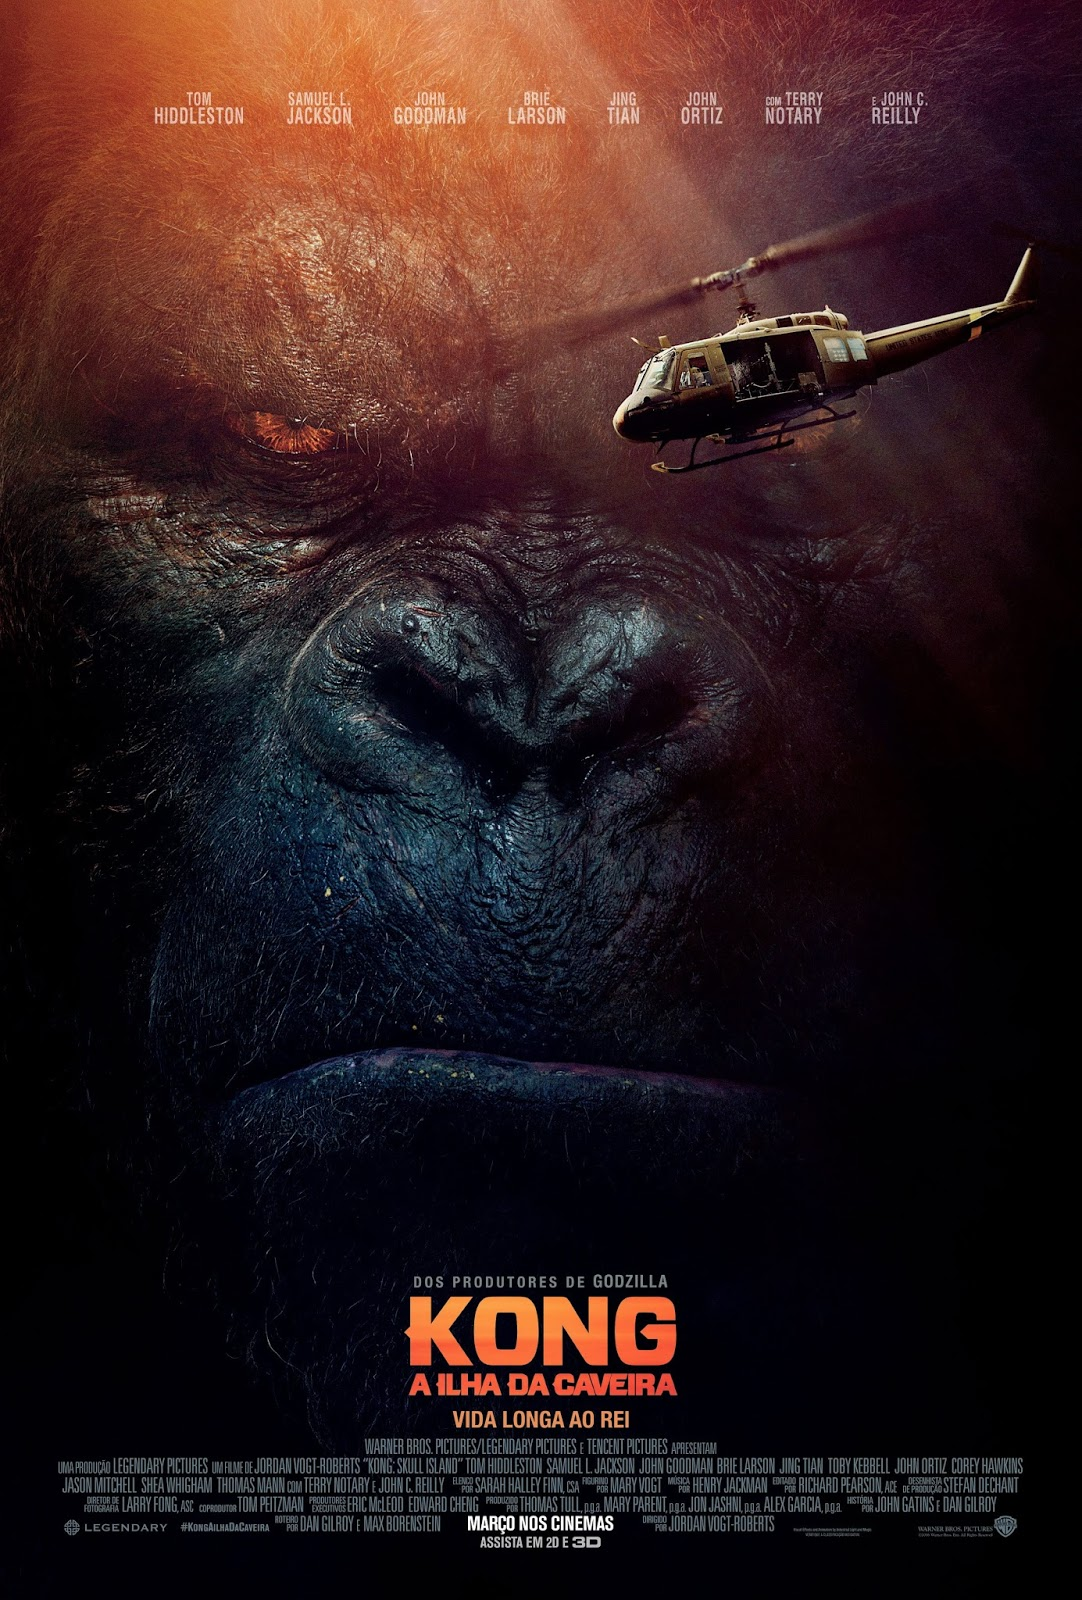 Kong: Skull Island [Kong: Ilha da Caveira]